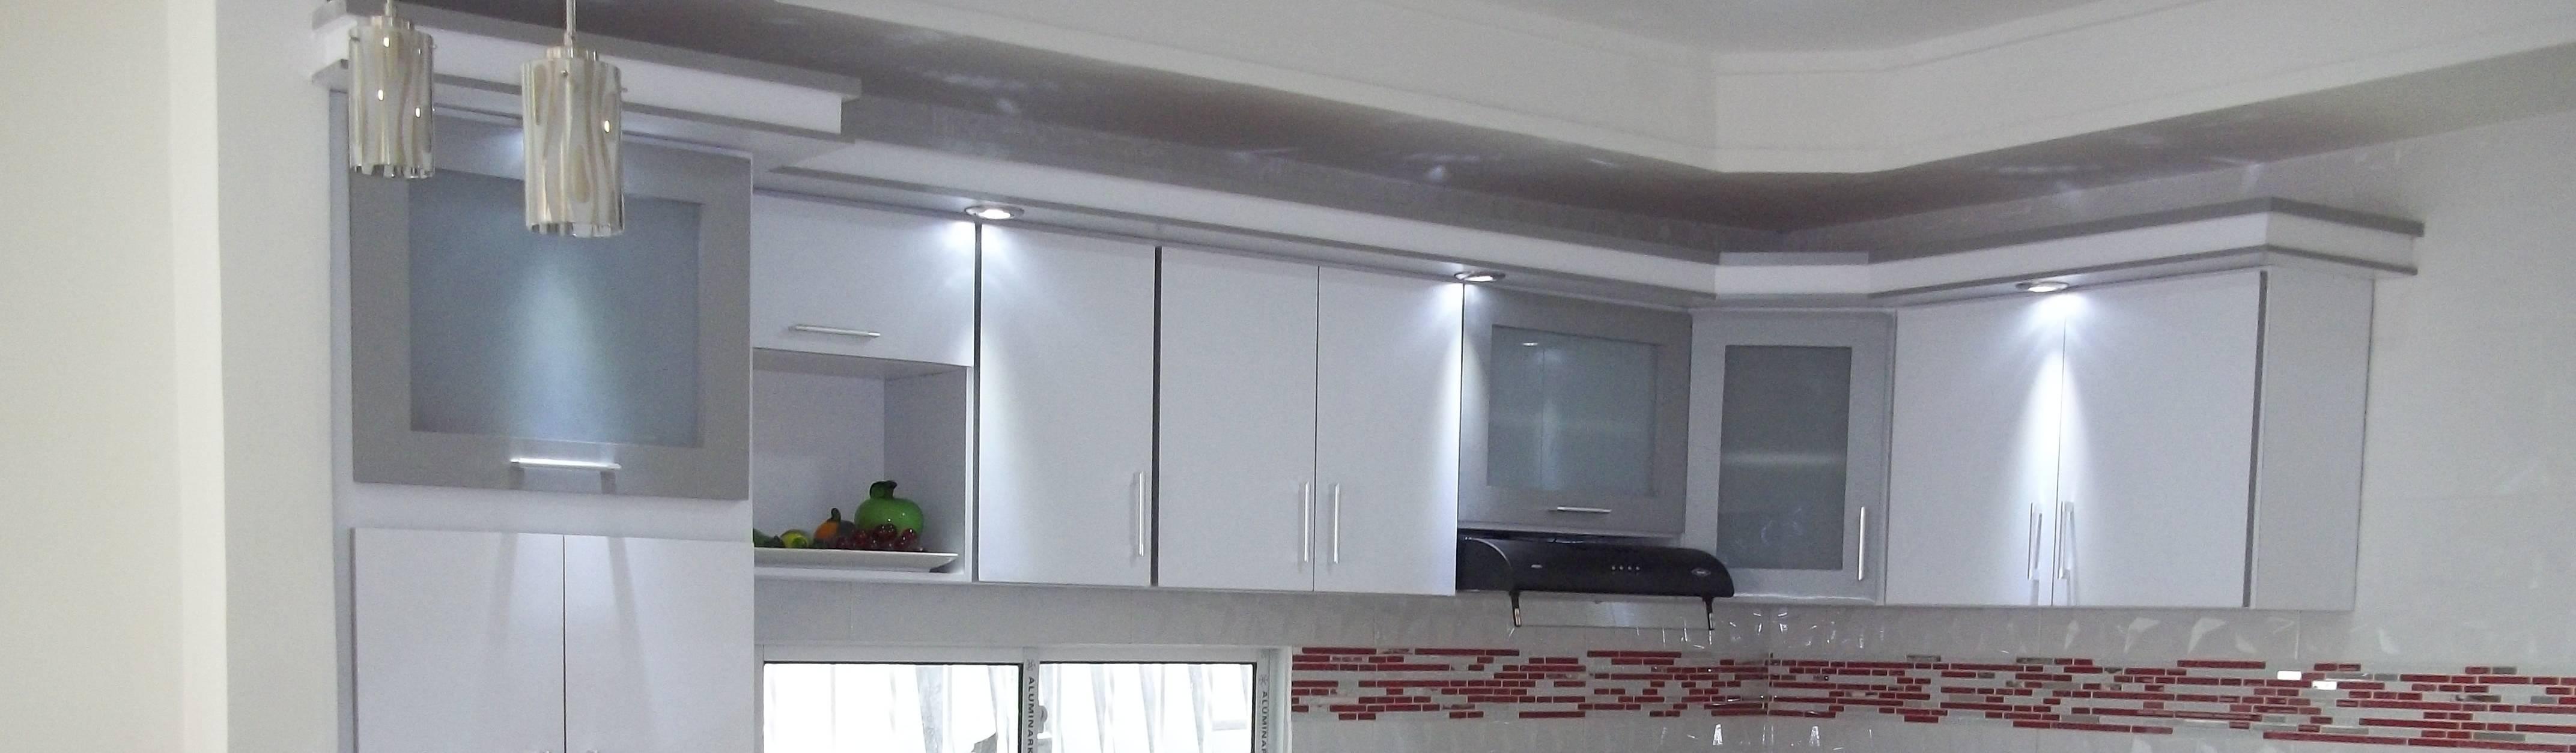 Cocinas integrales modernas en barranquilla by for Cocinas integrales modernas